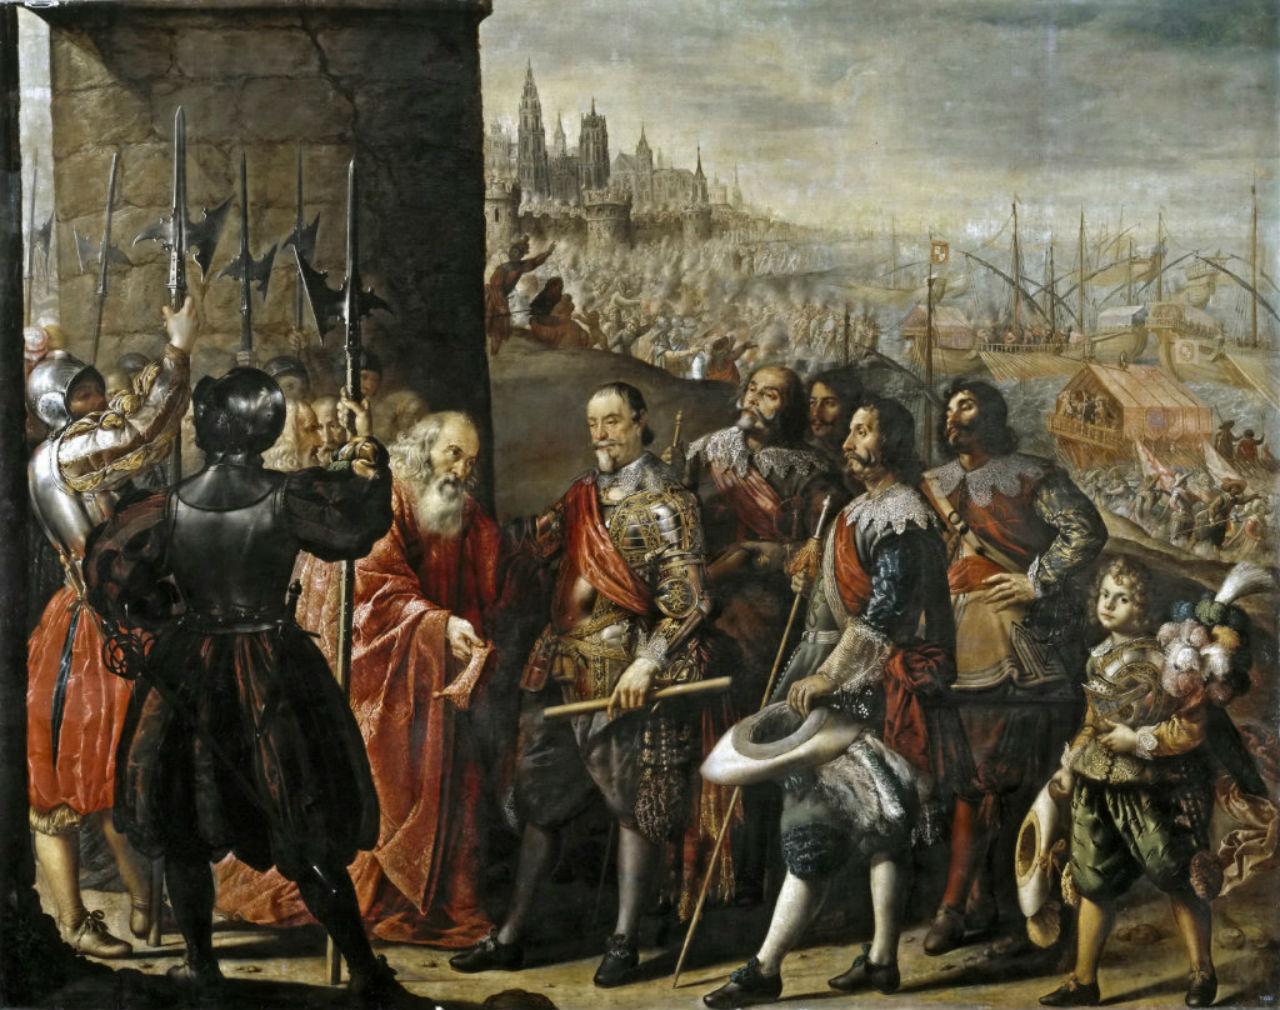 5-Переда и Сальгадо Антонио де - Сдача Генуи маркизу Санта Крус.jpg